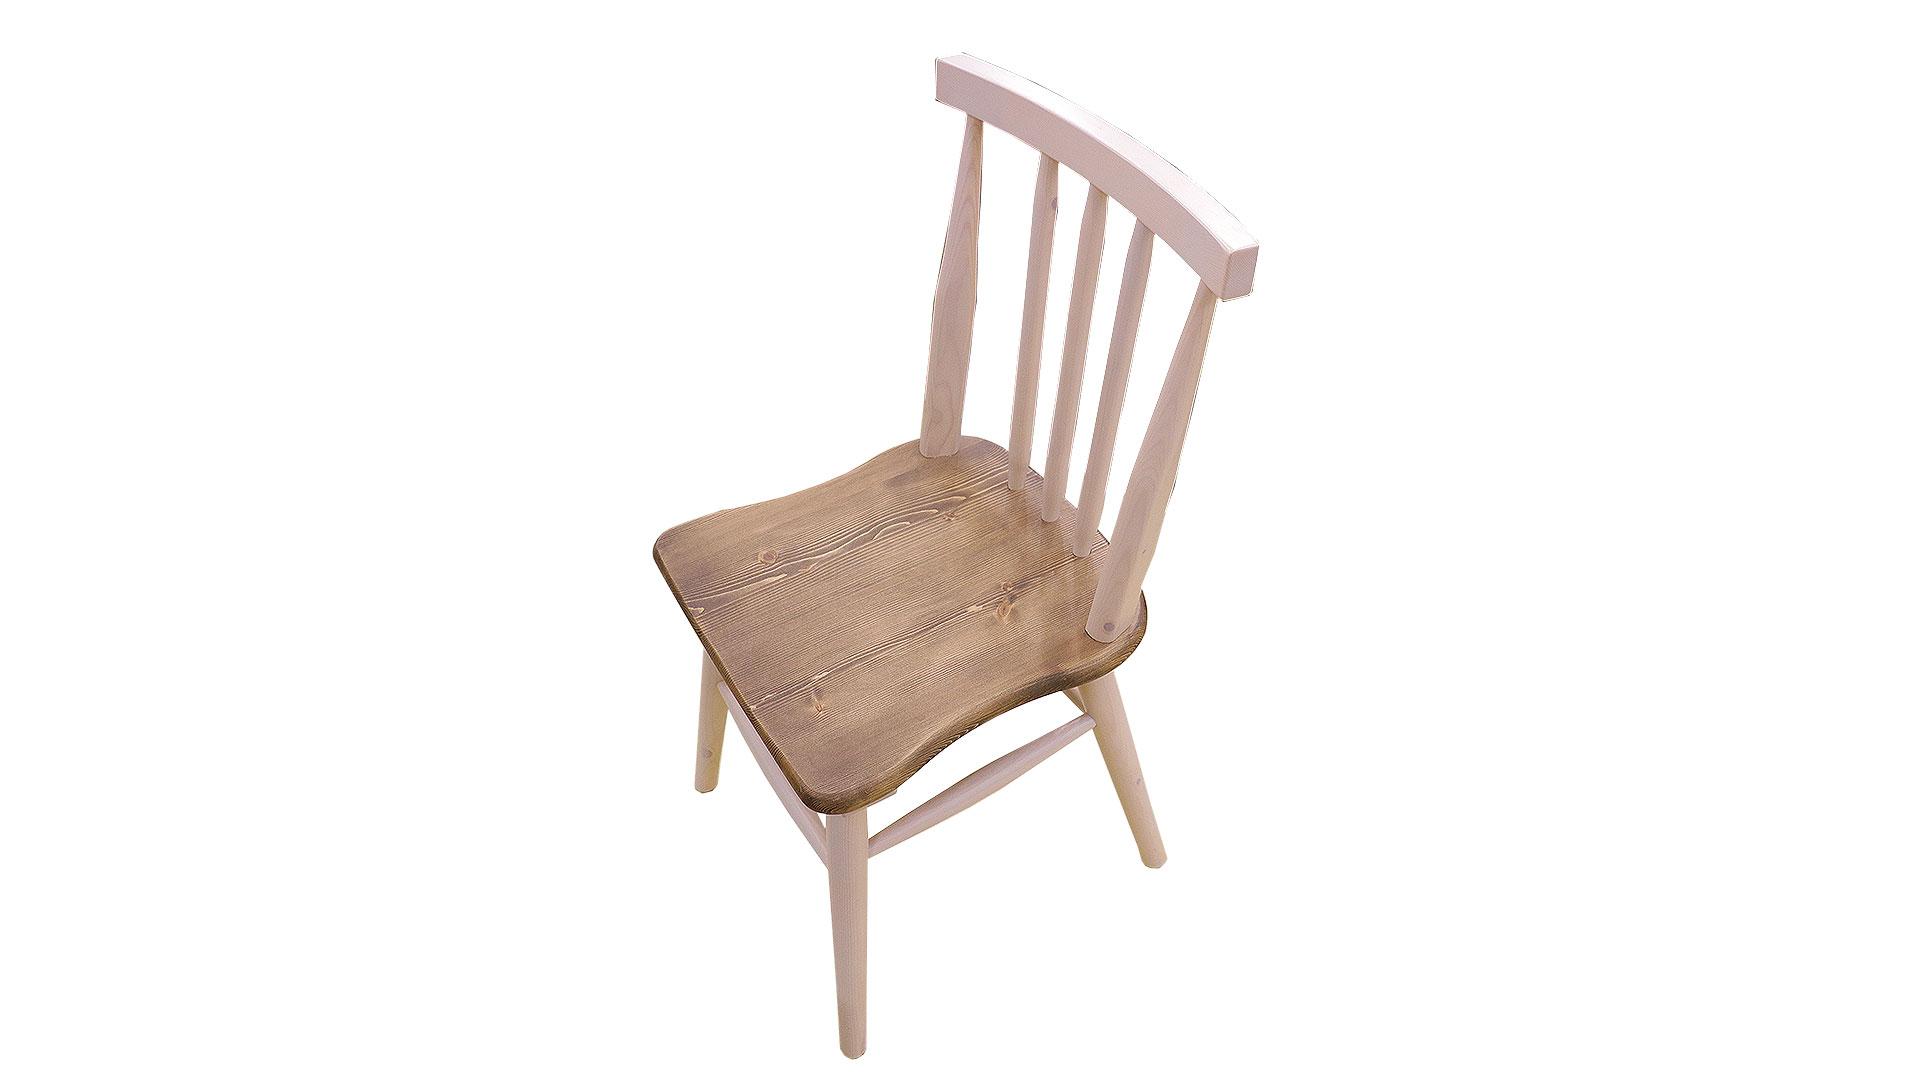 フレンチカントリーの椅子の画像